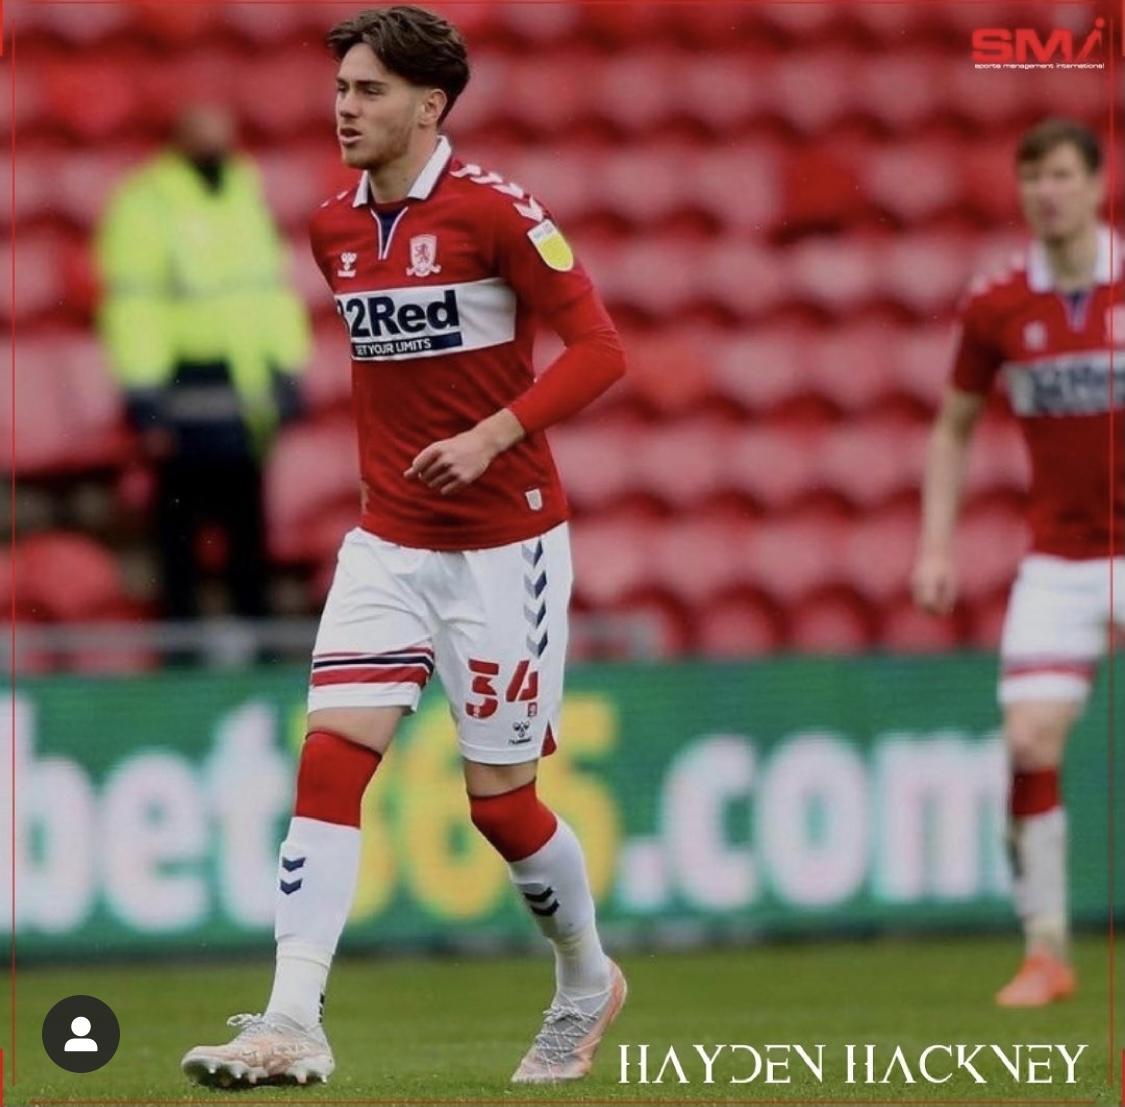 Hayden Hackney makes Boro debut